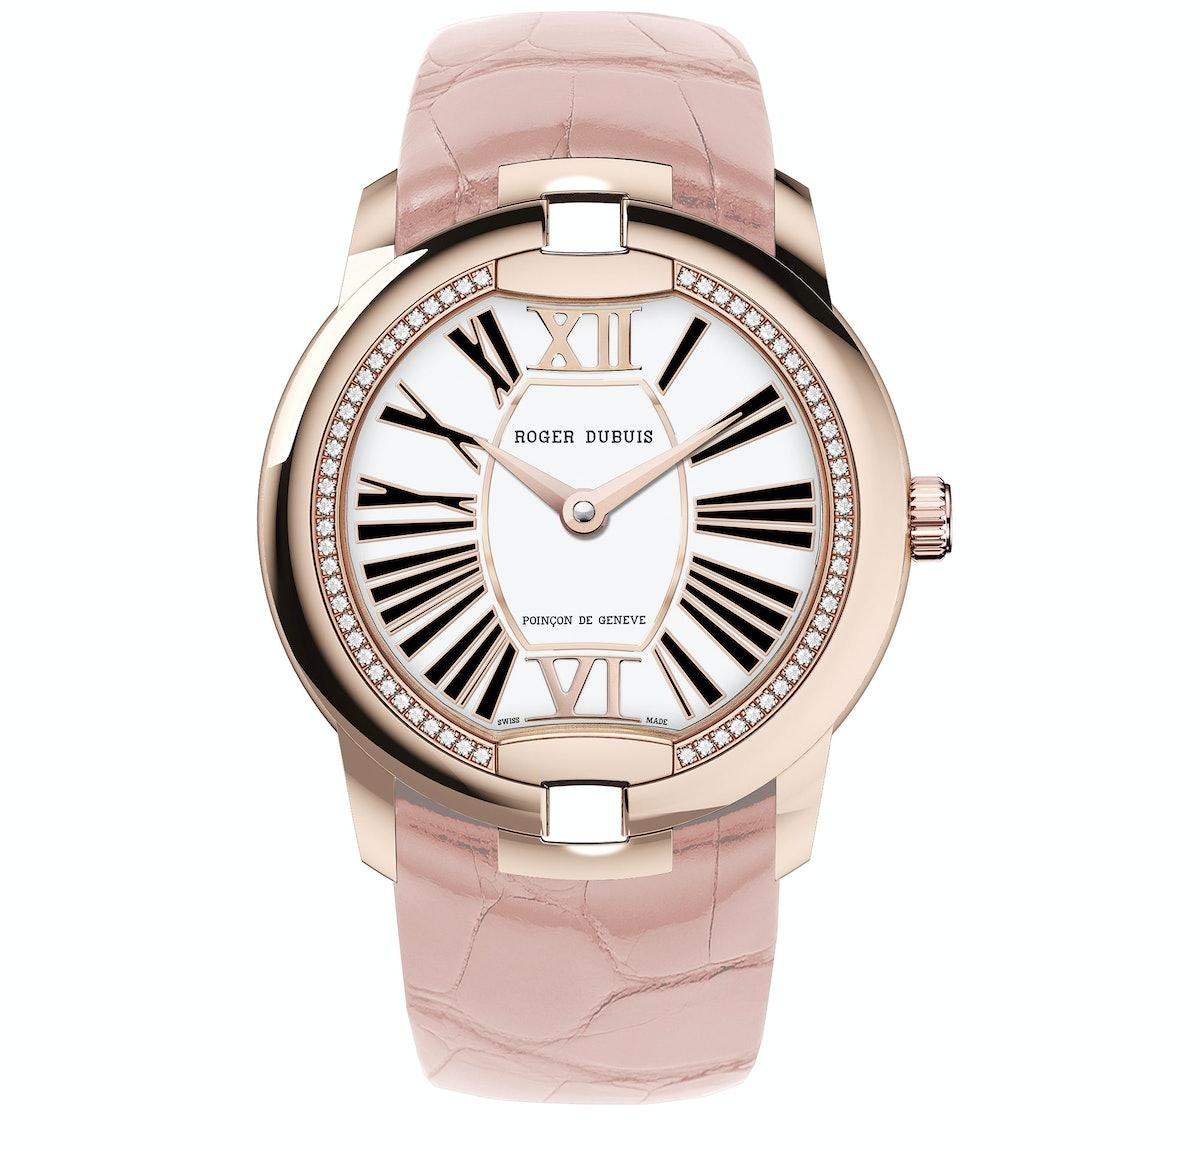 Roger Dubuis Velvet in 18k pink gold with diamonds